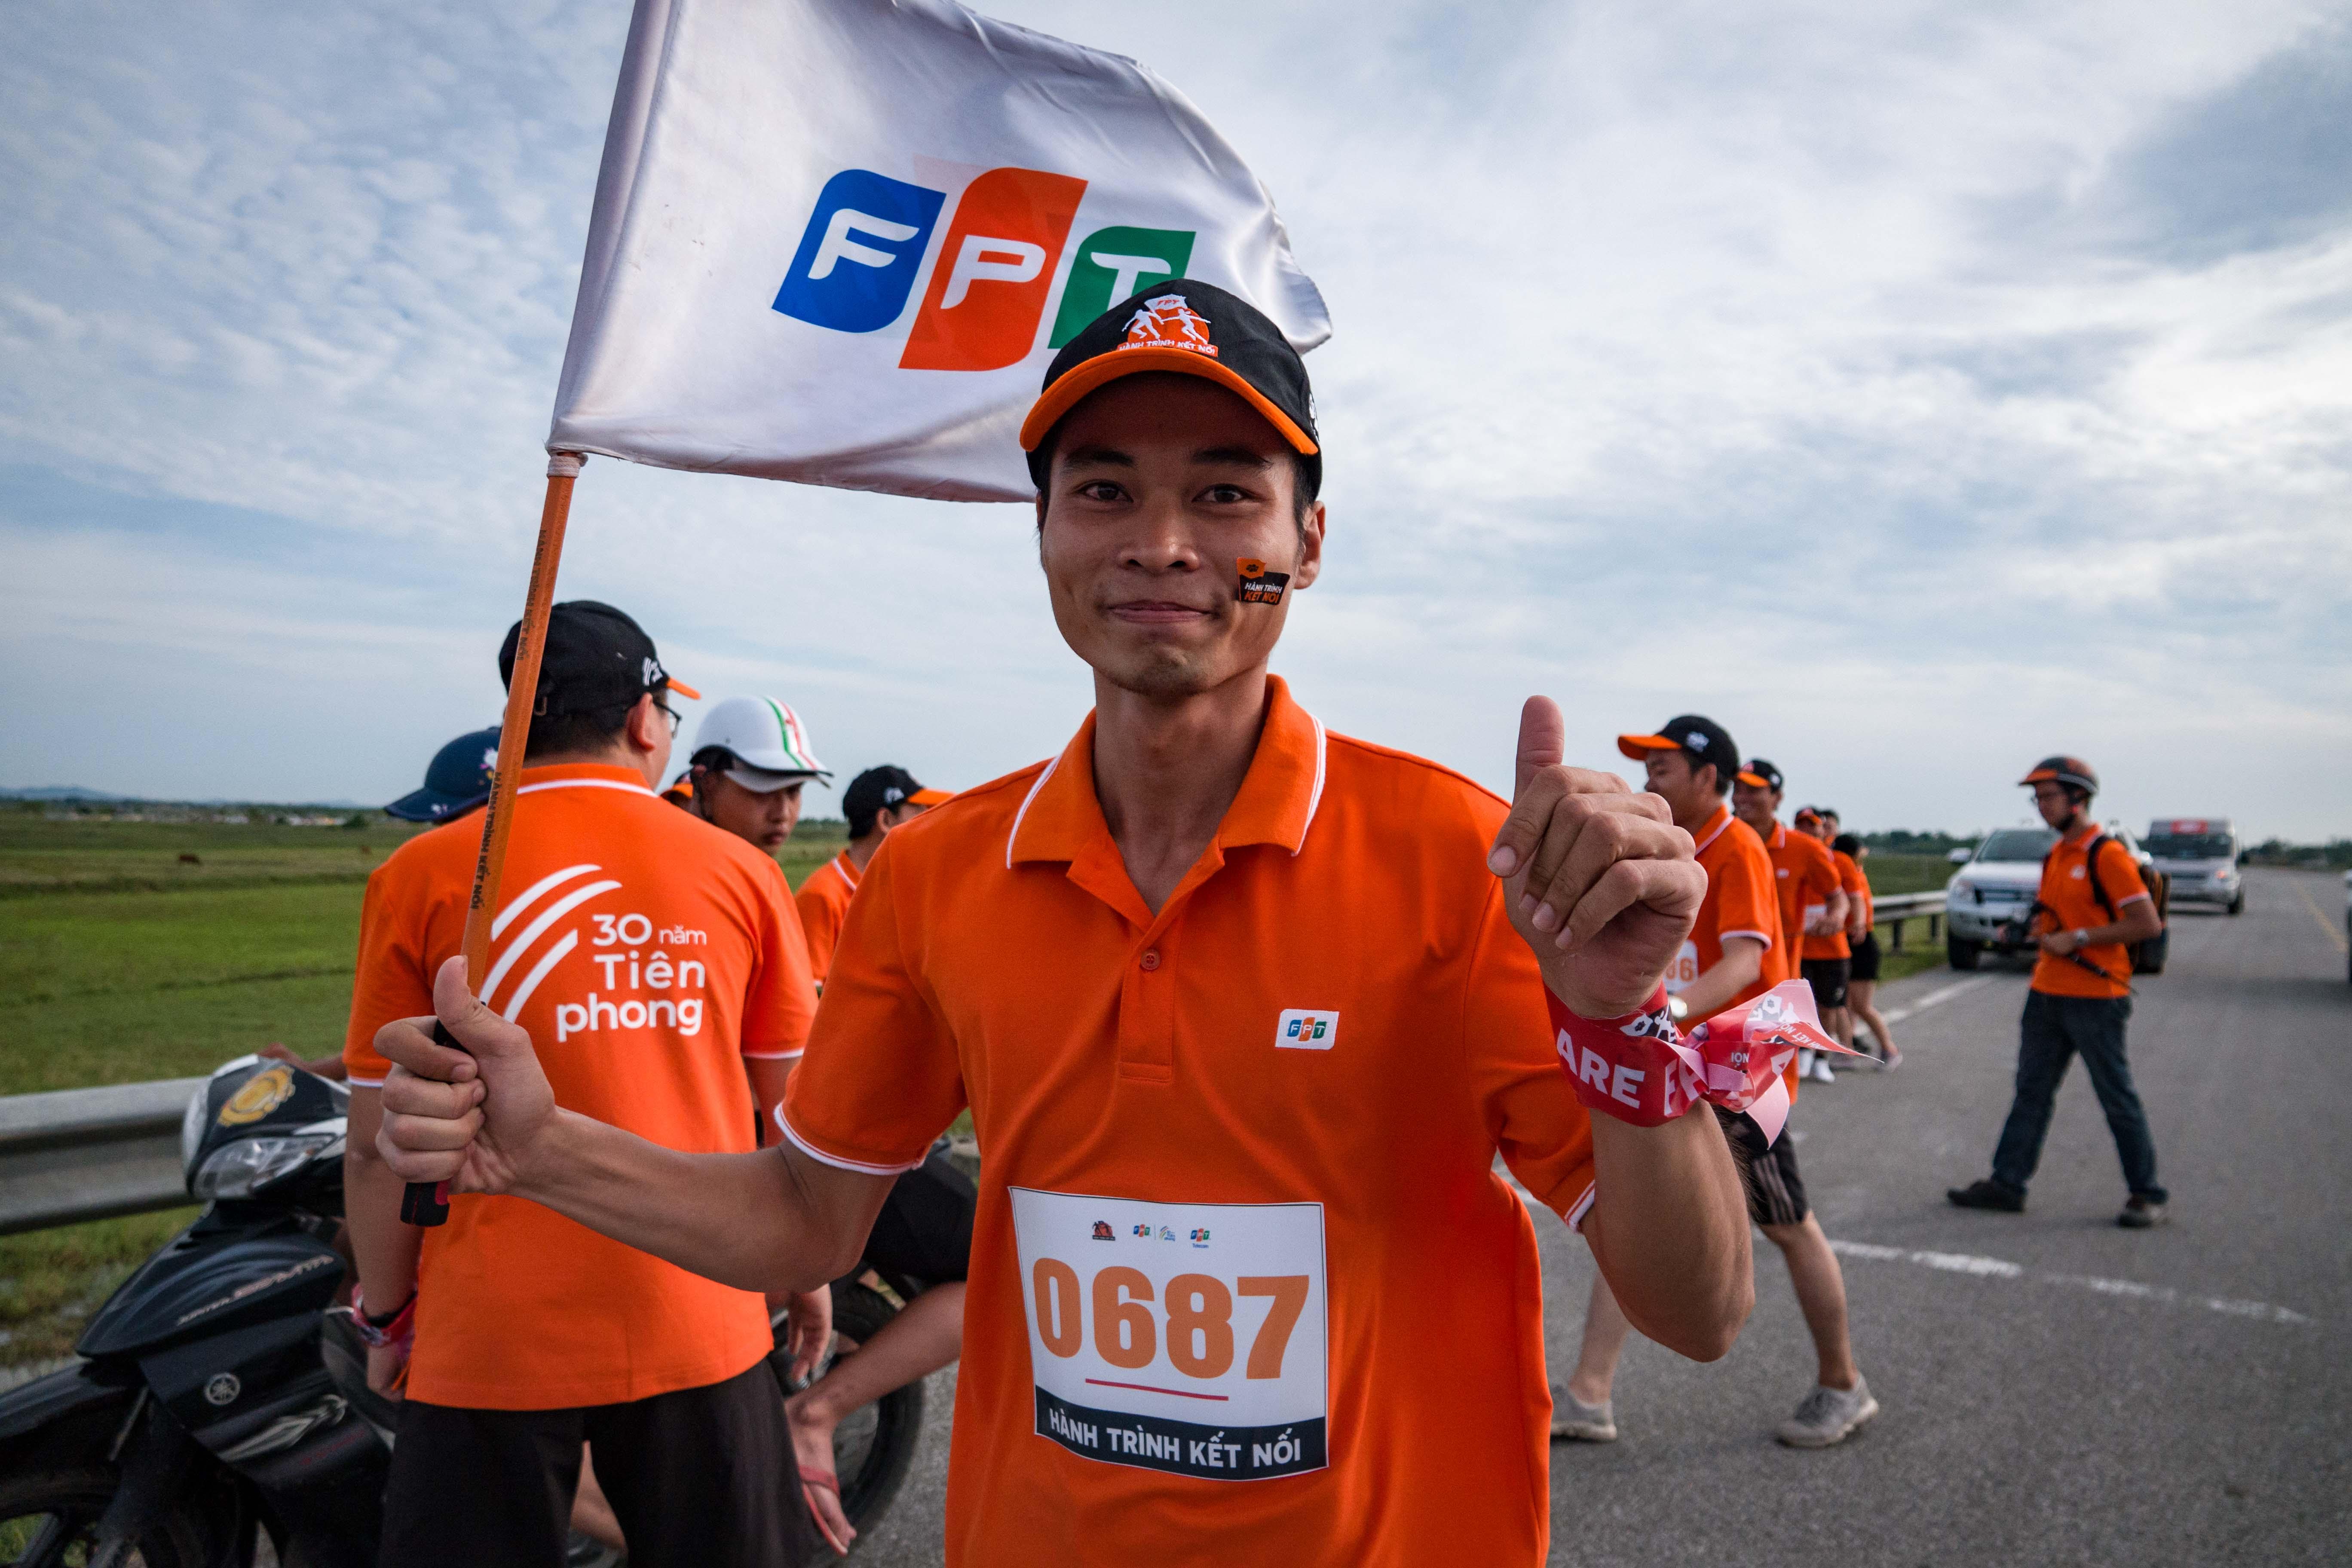 """""""Hành trình kết nối"""" diễn ra xuyên suốt trong 31 ngày, từ 5/8 đến 4/9 trên quãng đường dài 2.600 km với 31 chặng tại 28 tỉnh/thành, dọc theo đường trục Bắc Nam, nơi in dấu chân của những nười FPT Telecom đã đi qua, những đôi chân không mỏi mệt đưa Internet Việt Nam đi khắp mọi miền Tổ quốc góp vào sự tiên phong và trường tồn của FPT. Trong suốt một tháng, 3.000 người sẽ mặc áo đồng phục phủ một màu cam các ngả đường từ Bắc vào Nam, tạo sức lan tỏa và hình ảnh FPT to lớn đến cộng đồng. Dự kiến ngày 4/9, tại đất mũi Cà Mau, Chủ tịch FPT Trương Gia Bình sẽ nhận lá cờ FPT từ vận động viên mang số áo 3.000. Lãnh đạo FPT Telecom cắm cờ vào cột mốc kết thúc quốc lộ 1A, đánh dấu hoàn thành đường chạy lịch sử dọc chiều dài đất nước của nhà F."""